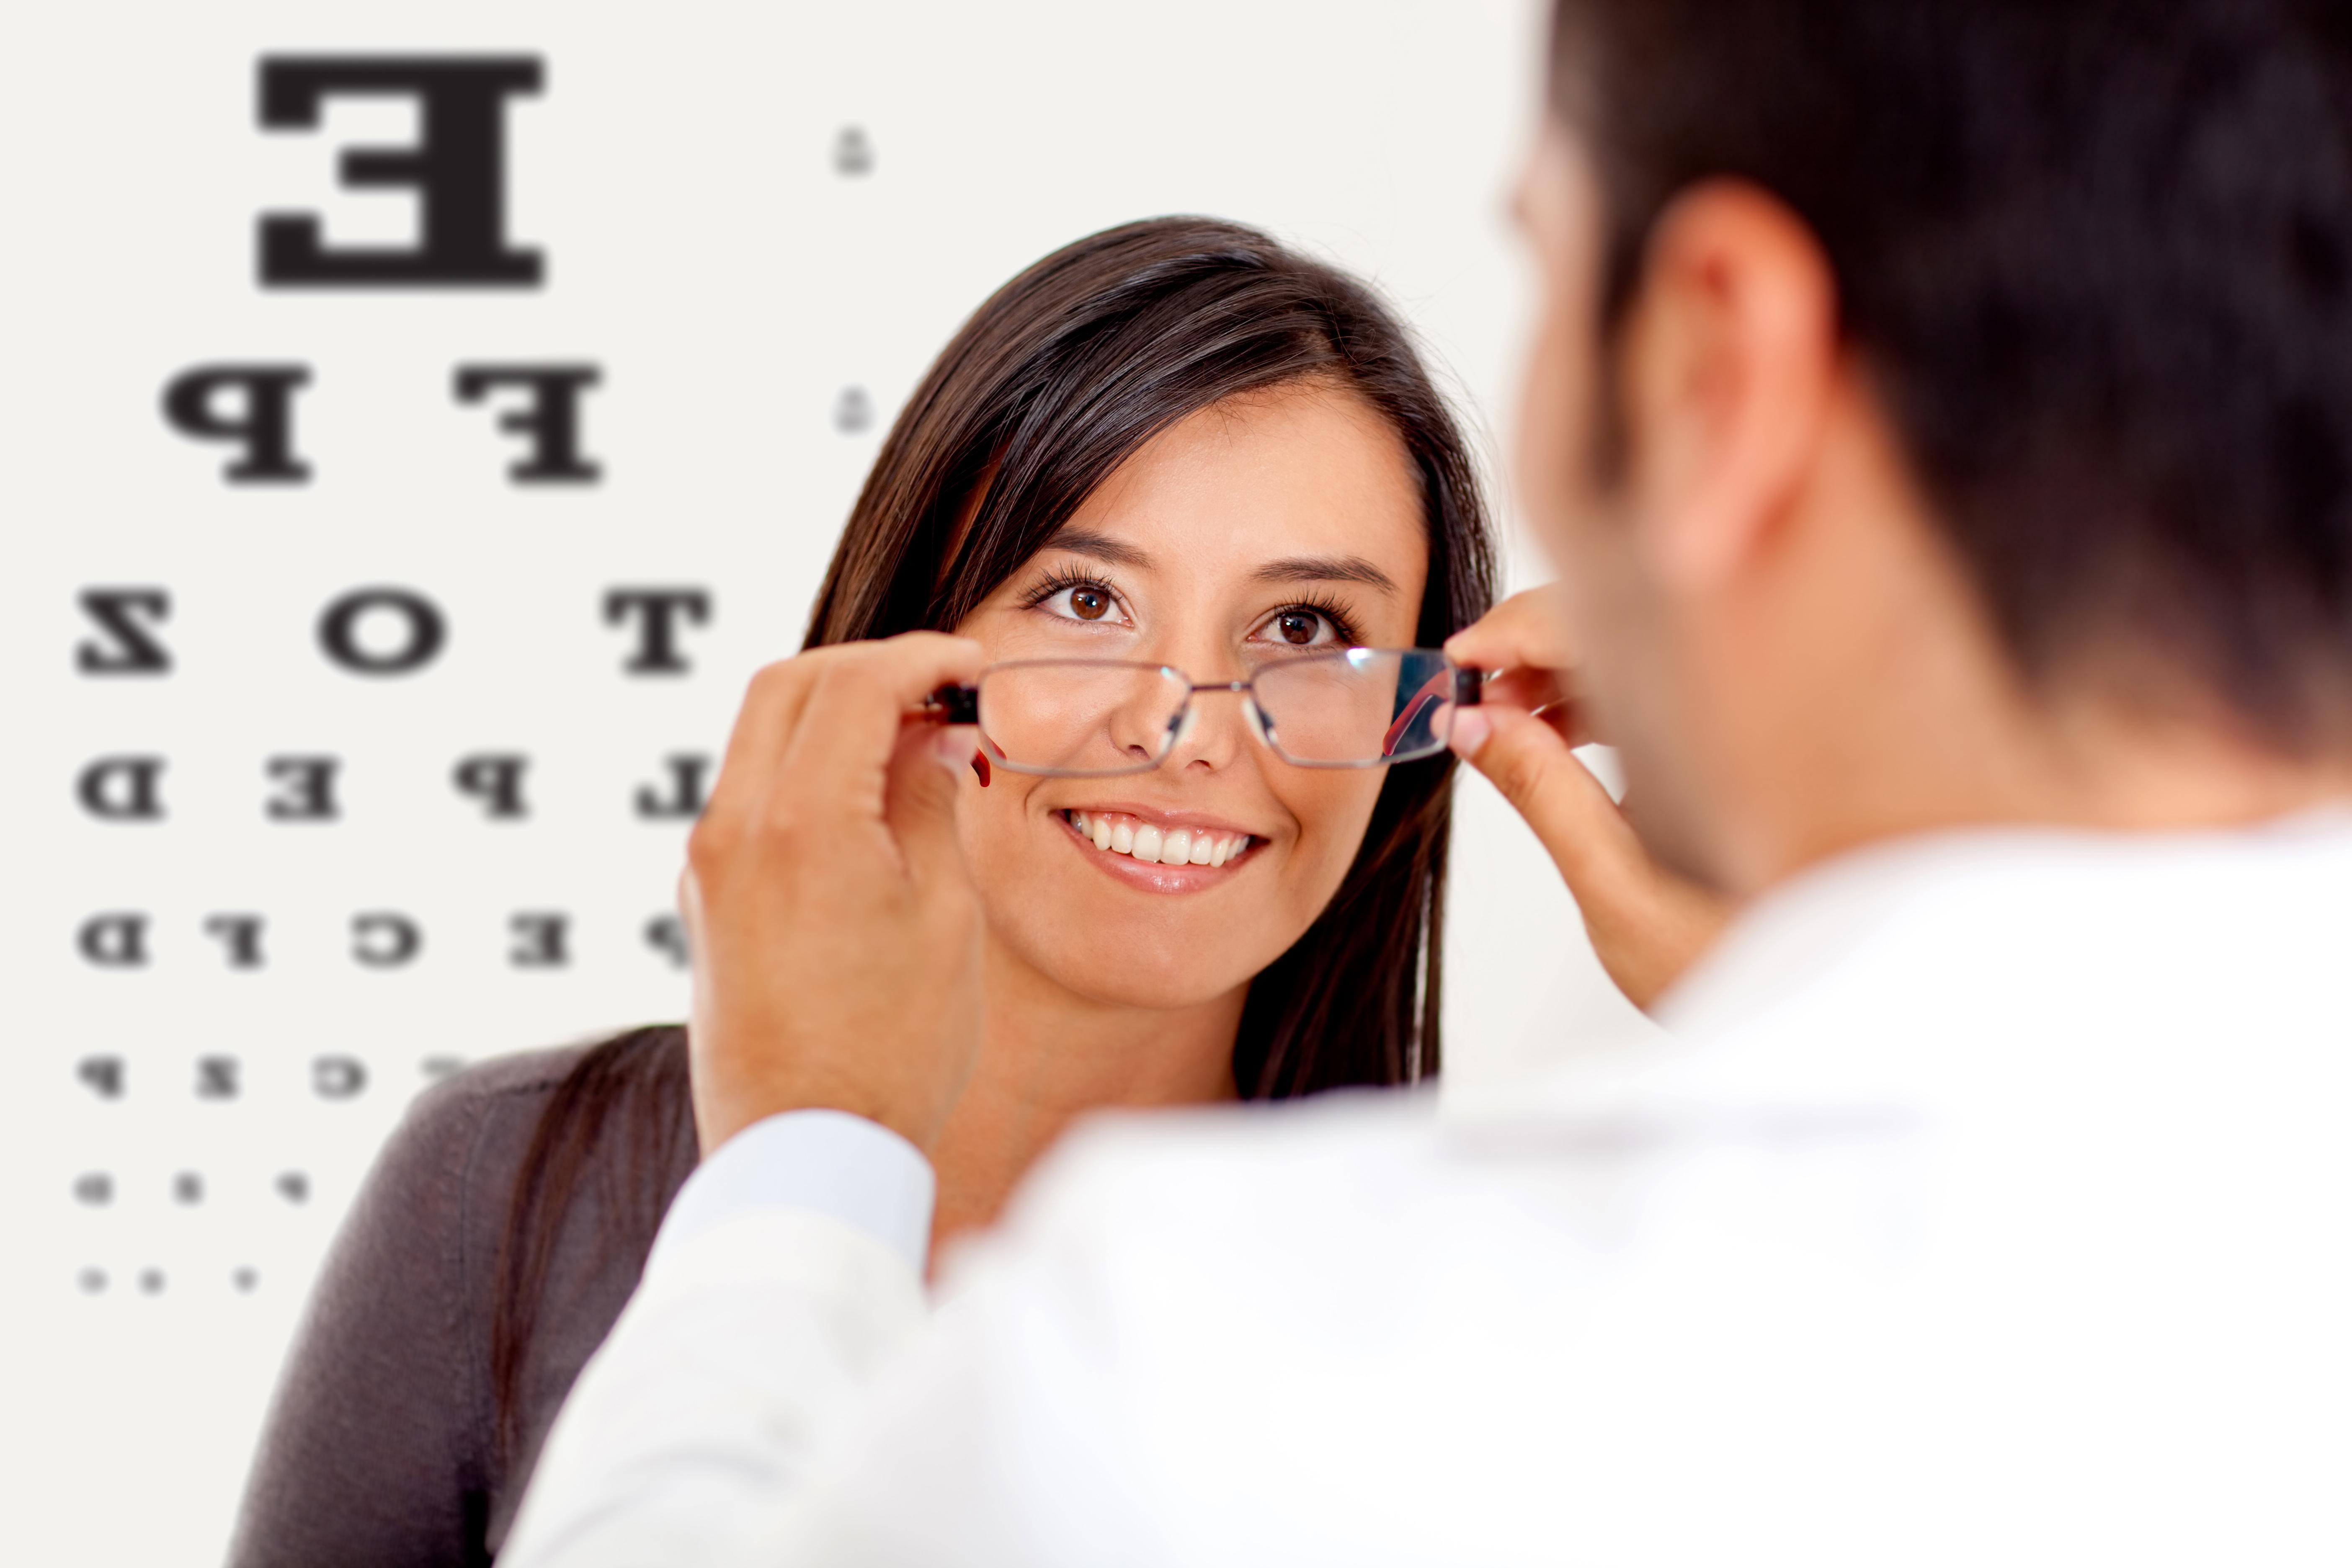 O Que Esperar de uma Visita ao Oftalmologista?